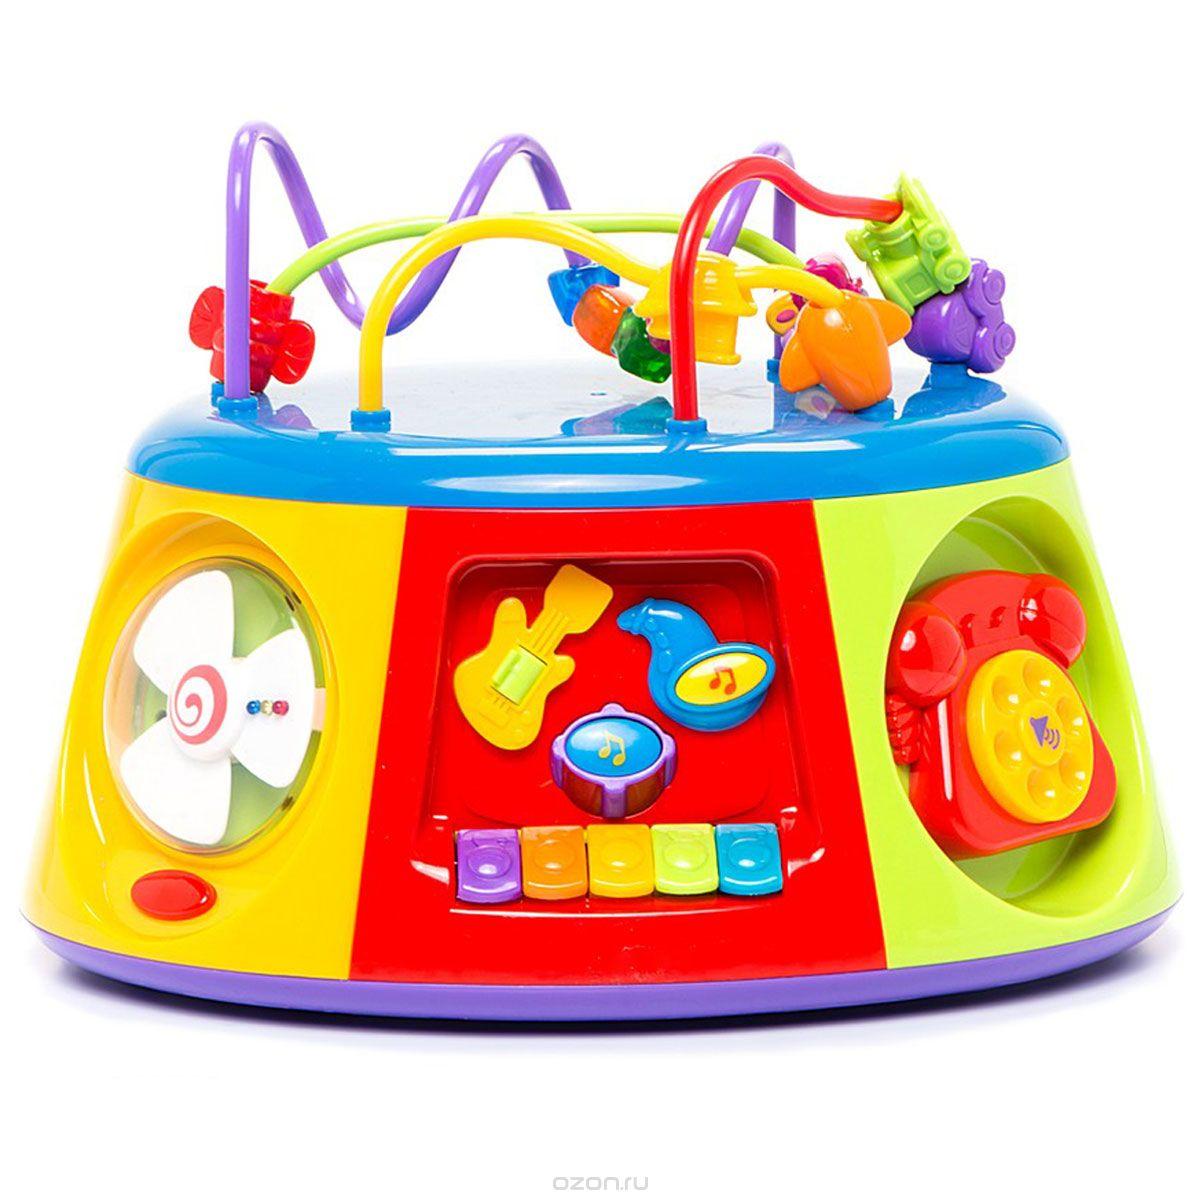 Kiddieland Развивающий центр Активный коробKID 051193Мультицентр Kiddieland Активный короб - оригинальная музыкальная развивающая многофункциональная игрушка, настоящий игровой центр, озвученный на русском языке. Изучая 7 сторон мультицентра, ребенок получит базовые знания о временах года, познакомится с пятью геометрическими фигурами и узнает их особенности, поймет, как звучат разные музыкальные инструменты, научится определять время по стрелочным часам, сможет позвонить по своему первому телефону и сочинить свою первую мелодию! Верхний модуль выполнен в виде лабиринта с яркими бусинами. Игрушка развивает мелкую моторику, мышление, зрительное и звуковое восприятие. Рекомендуемый возраст: от 12 месяцев. Питание: 3 батарейки типа АА (входят в комплект).